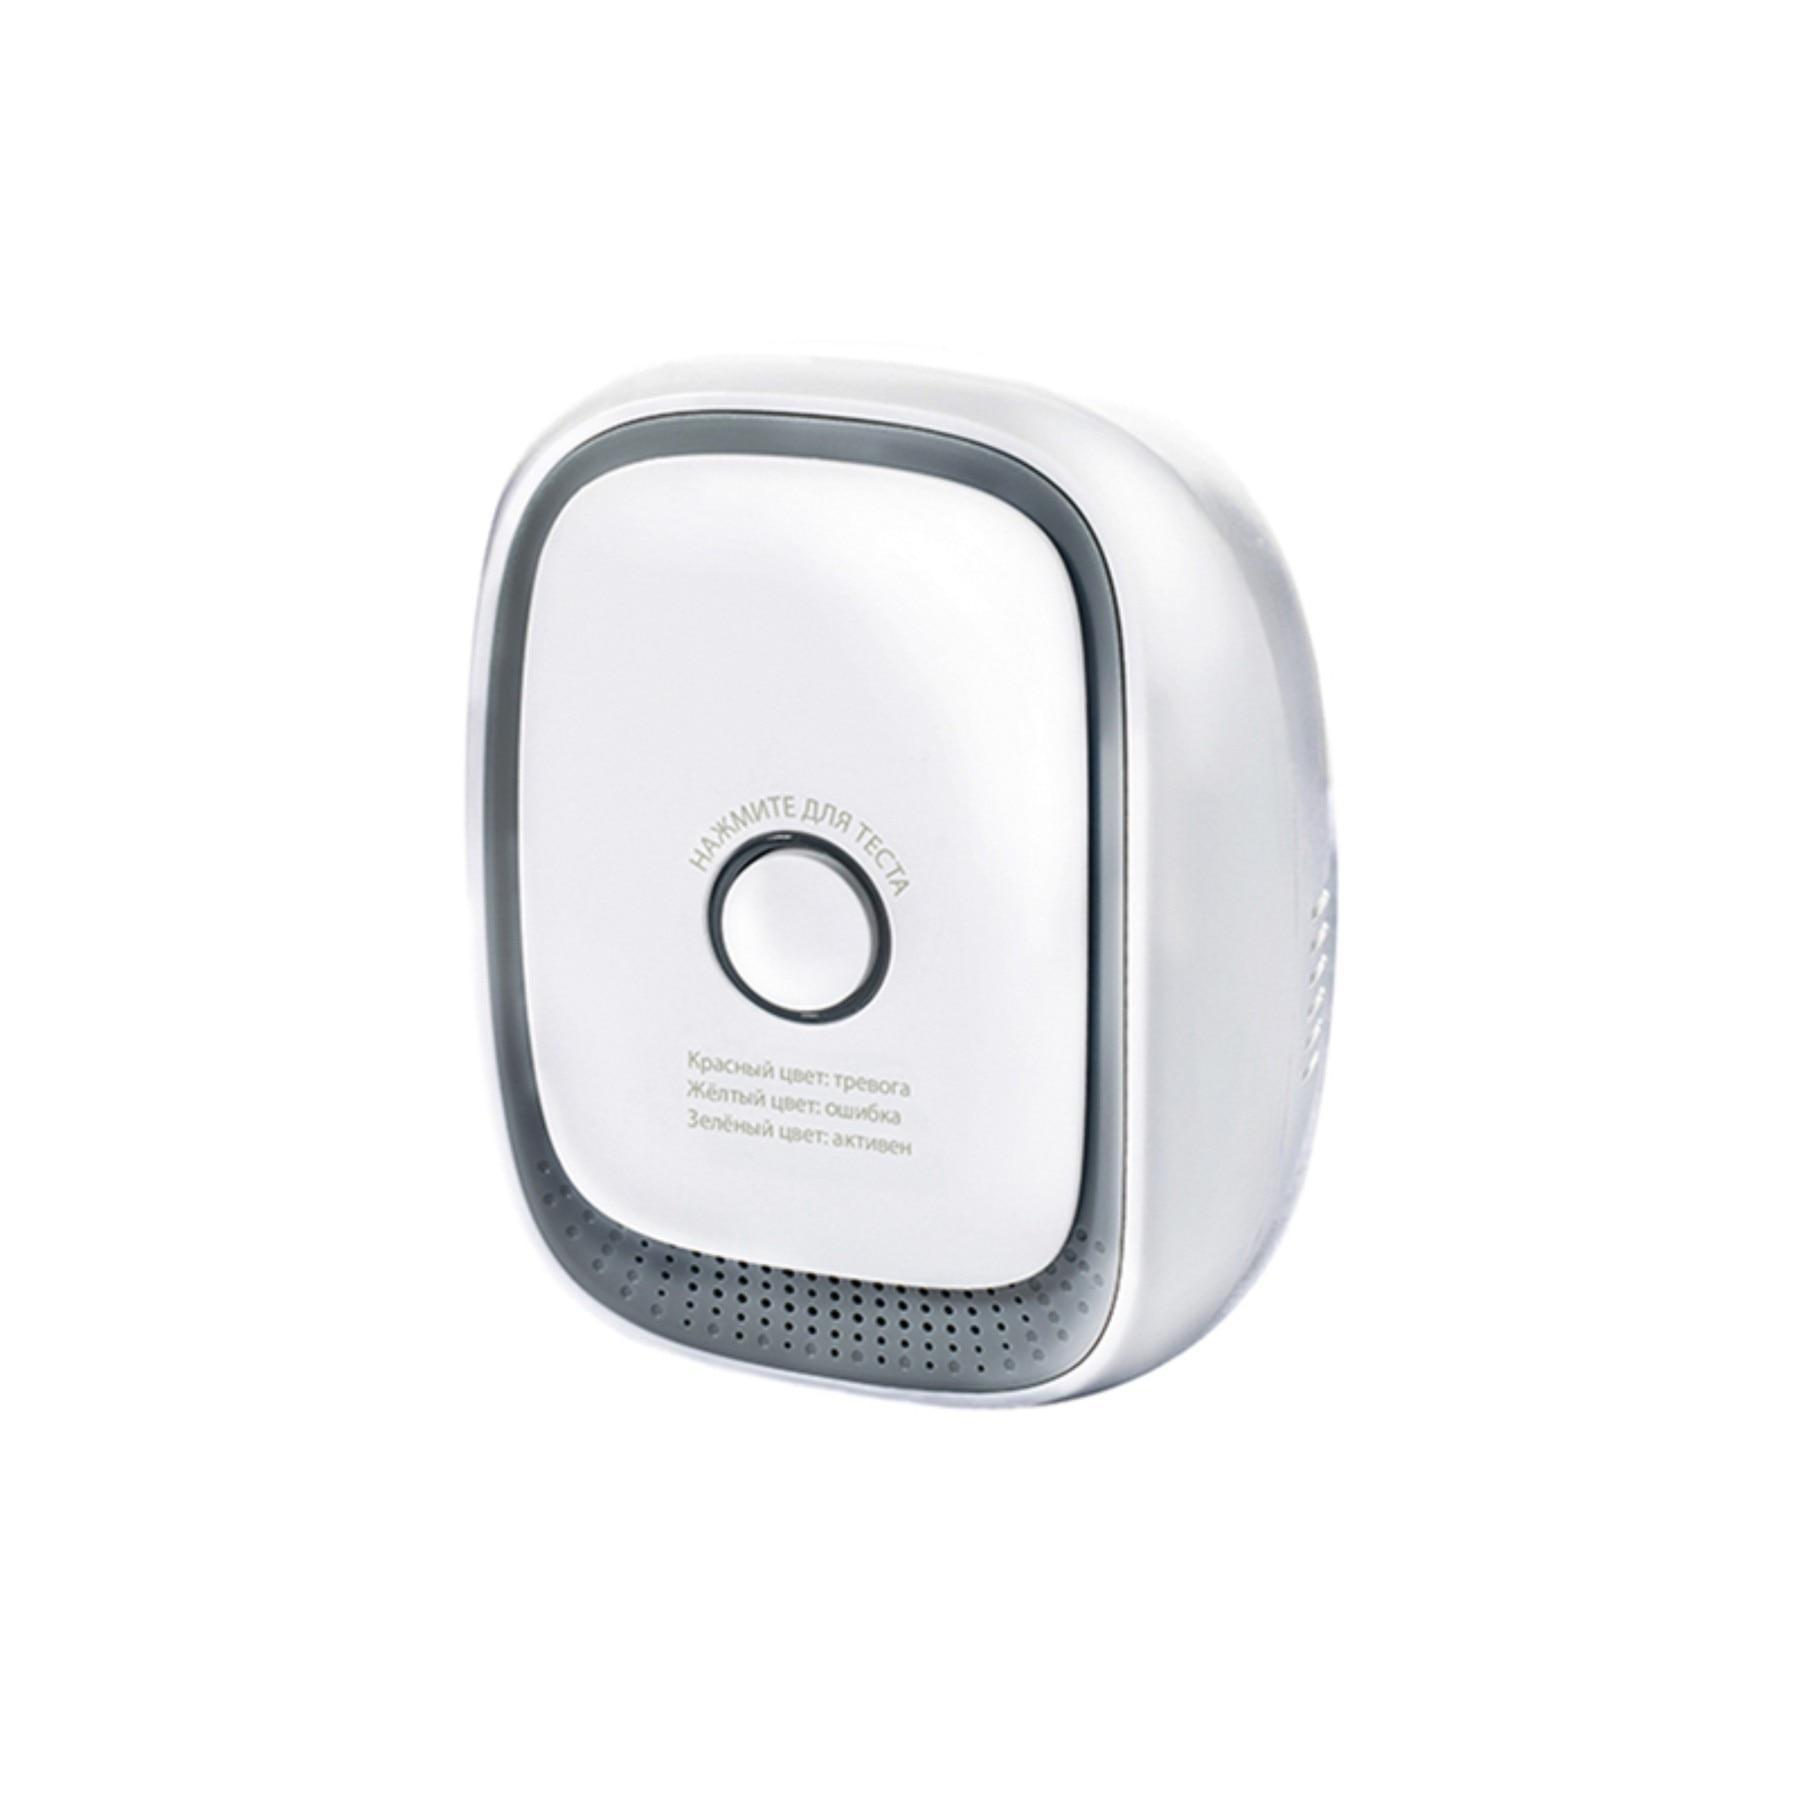 Sensor de gas (metano) GS SGMHM-I1 + hogar inteligente + Tricolor